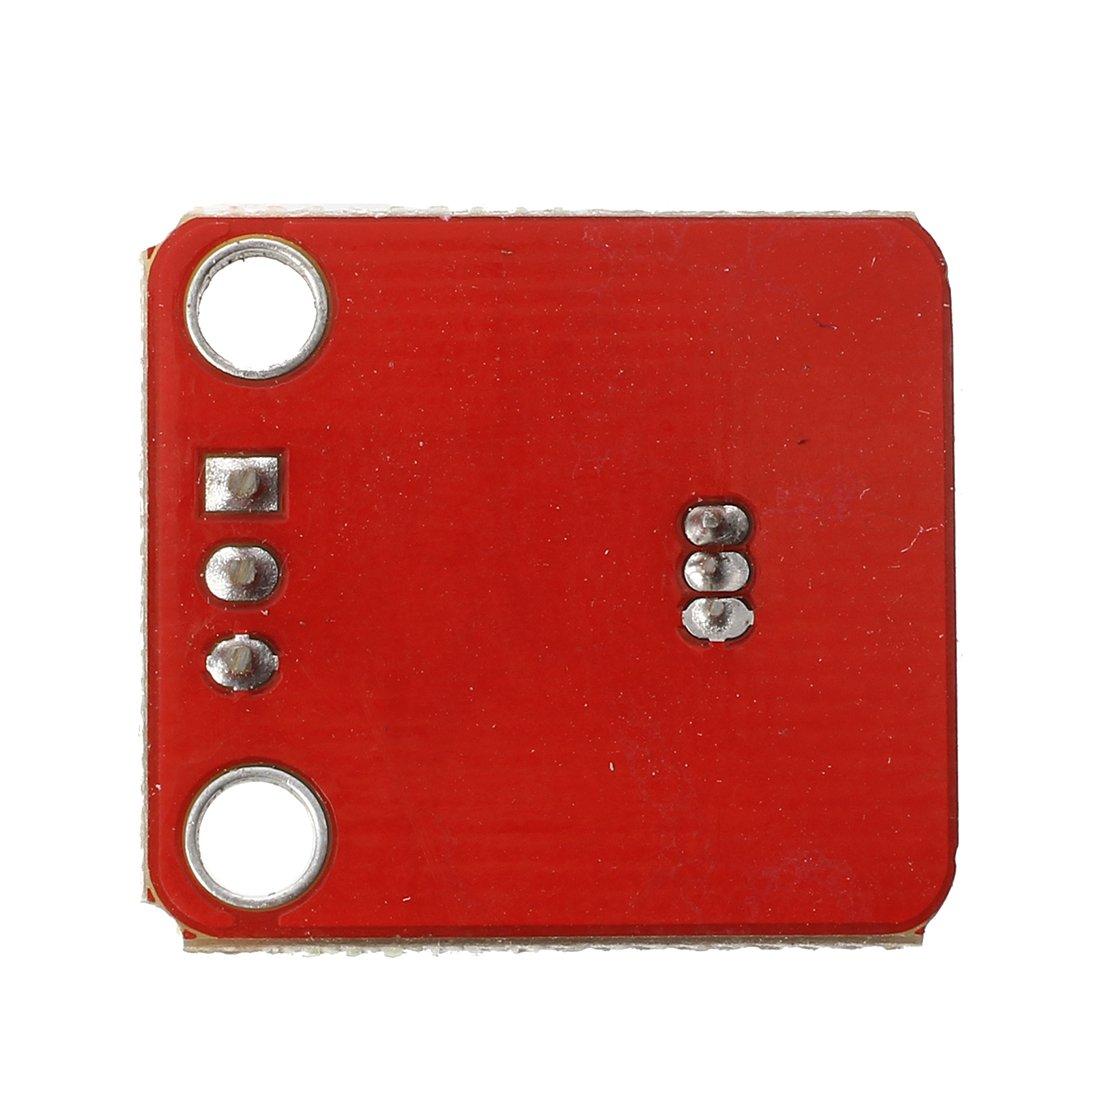 SODIAL(R) LM35 LM35DZ Modulo de Sensor termico del Temperatura 0-100 Grados Celsius - rojo: Amazon.es: Bricolaje y herramientas